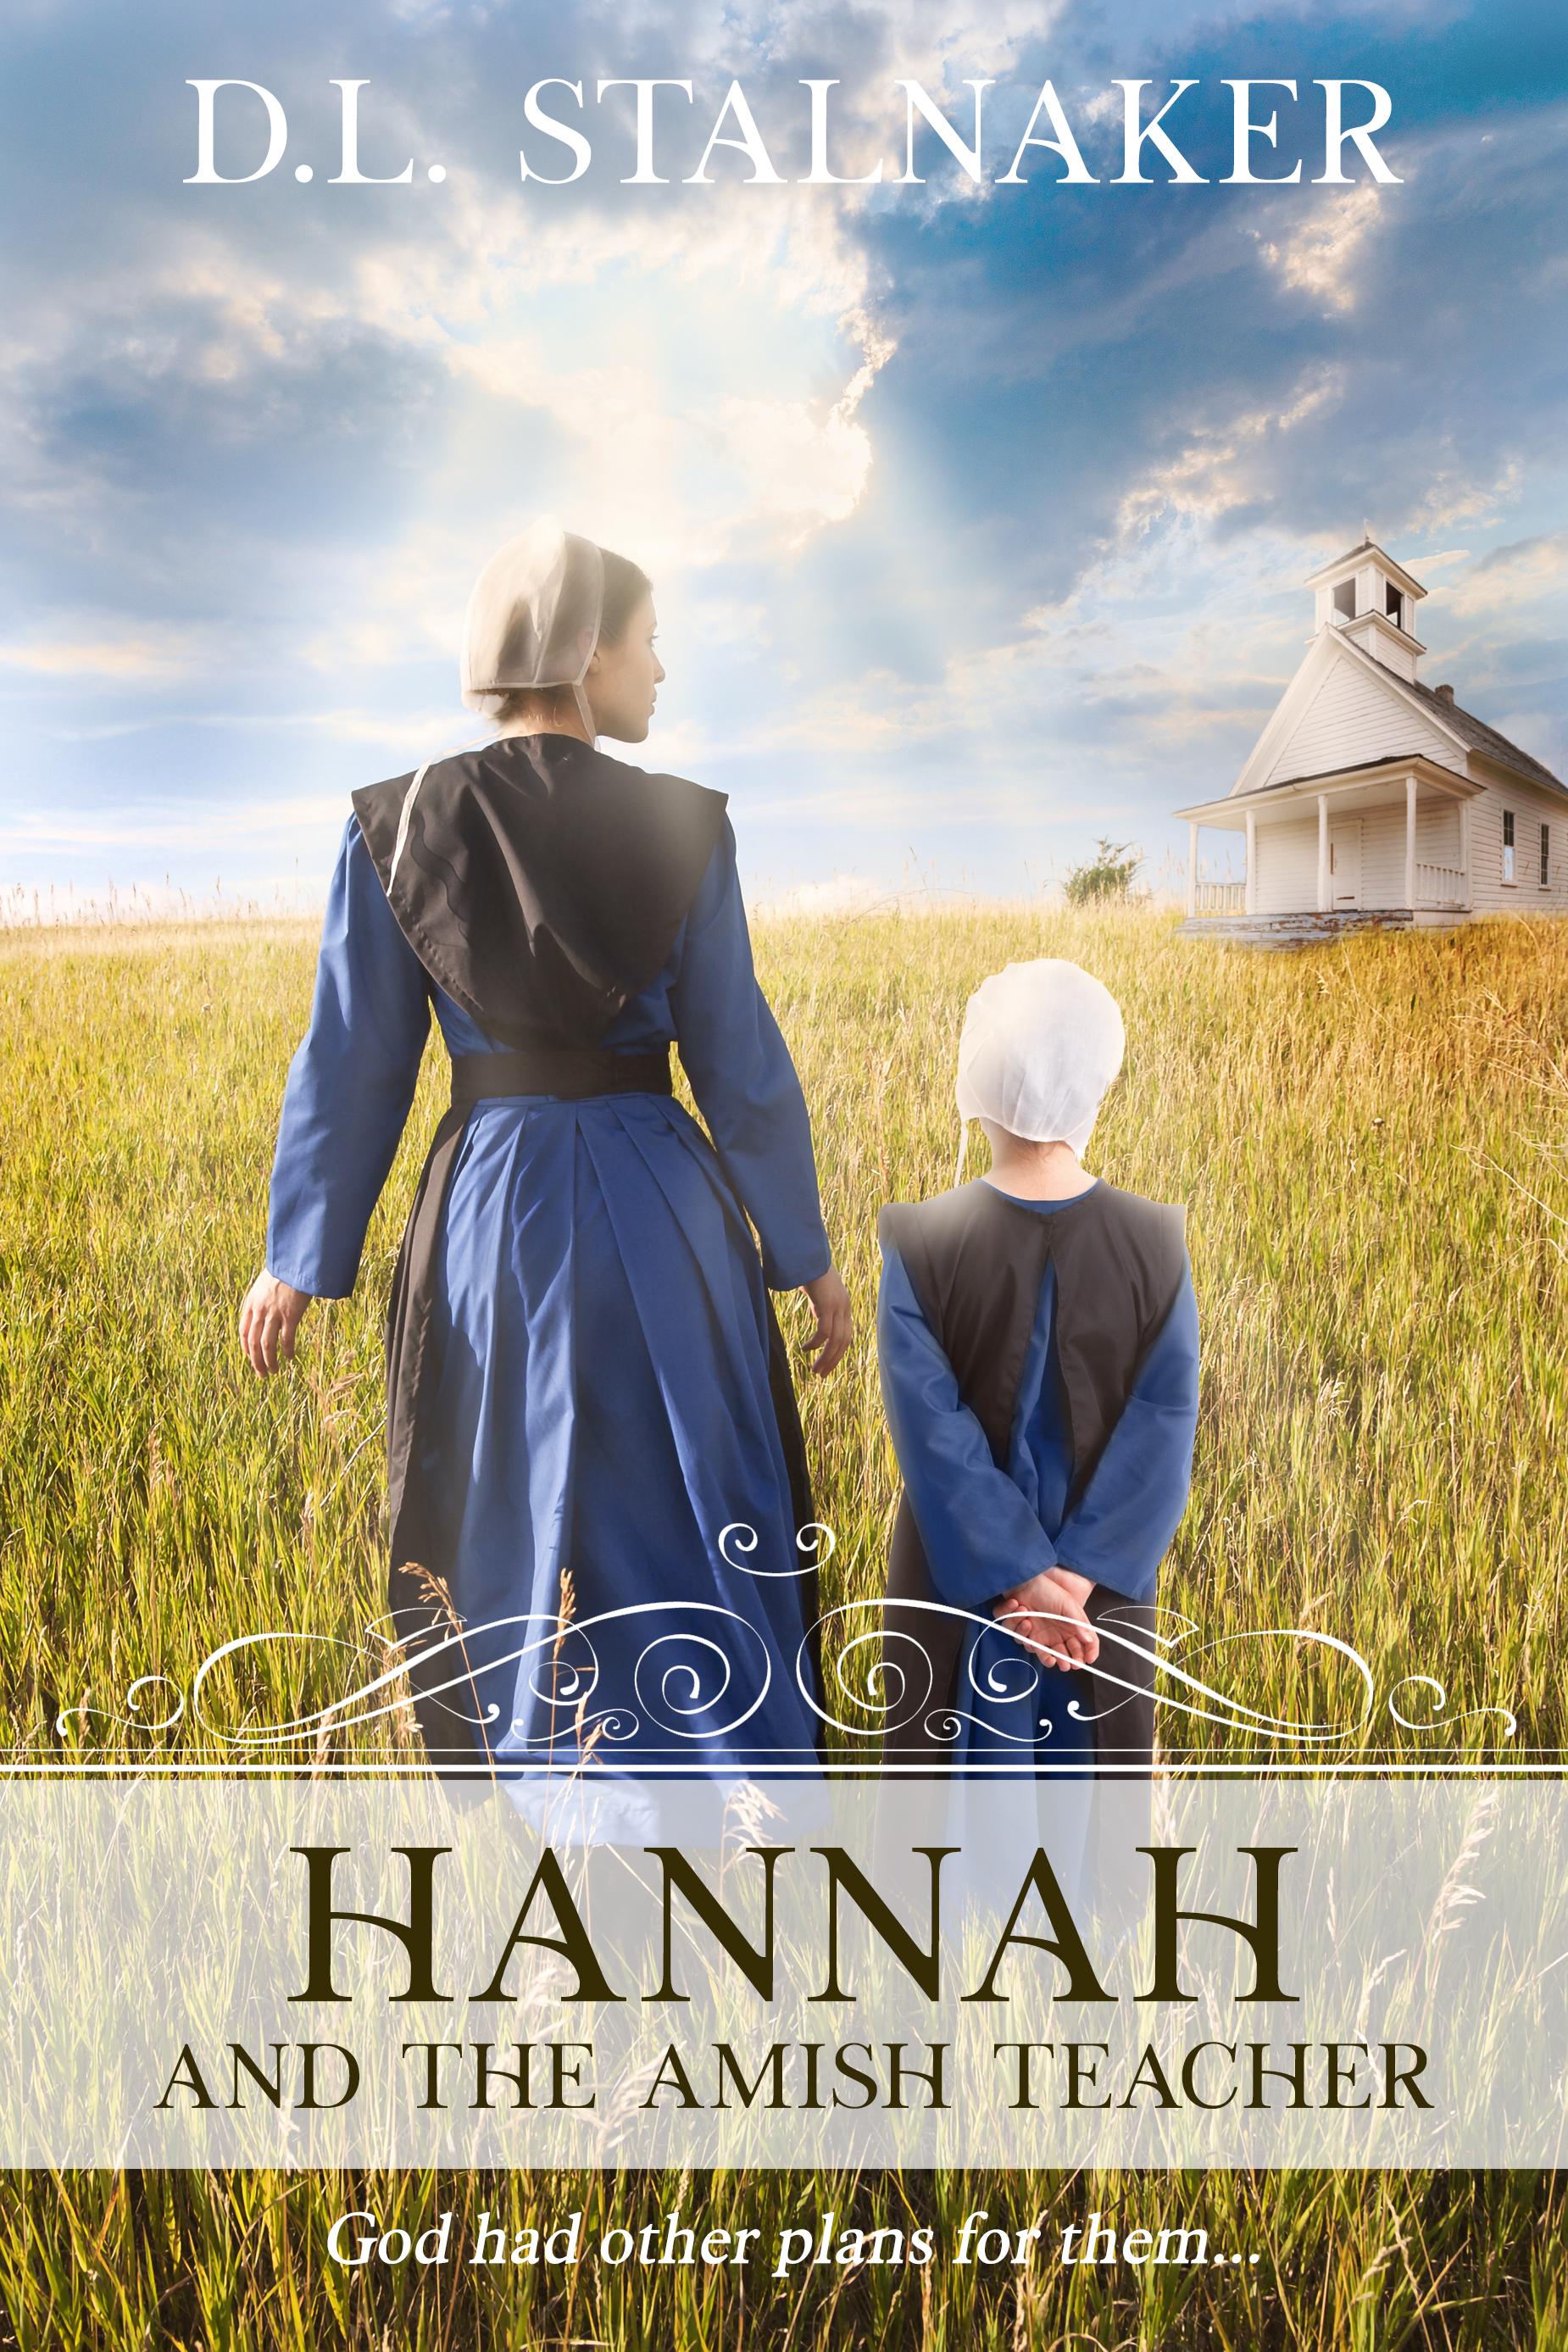 HannahandtheAmishteacher_1850